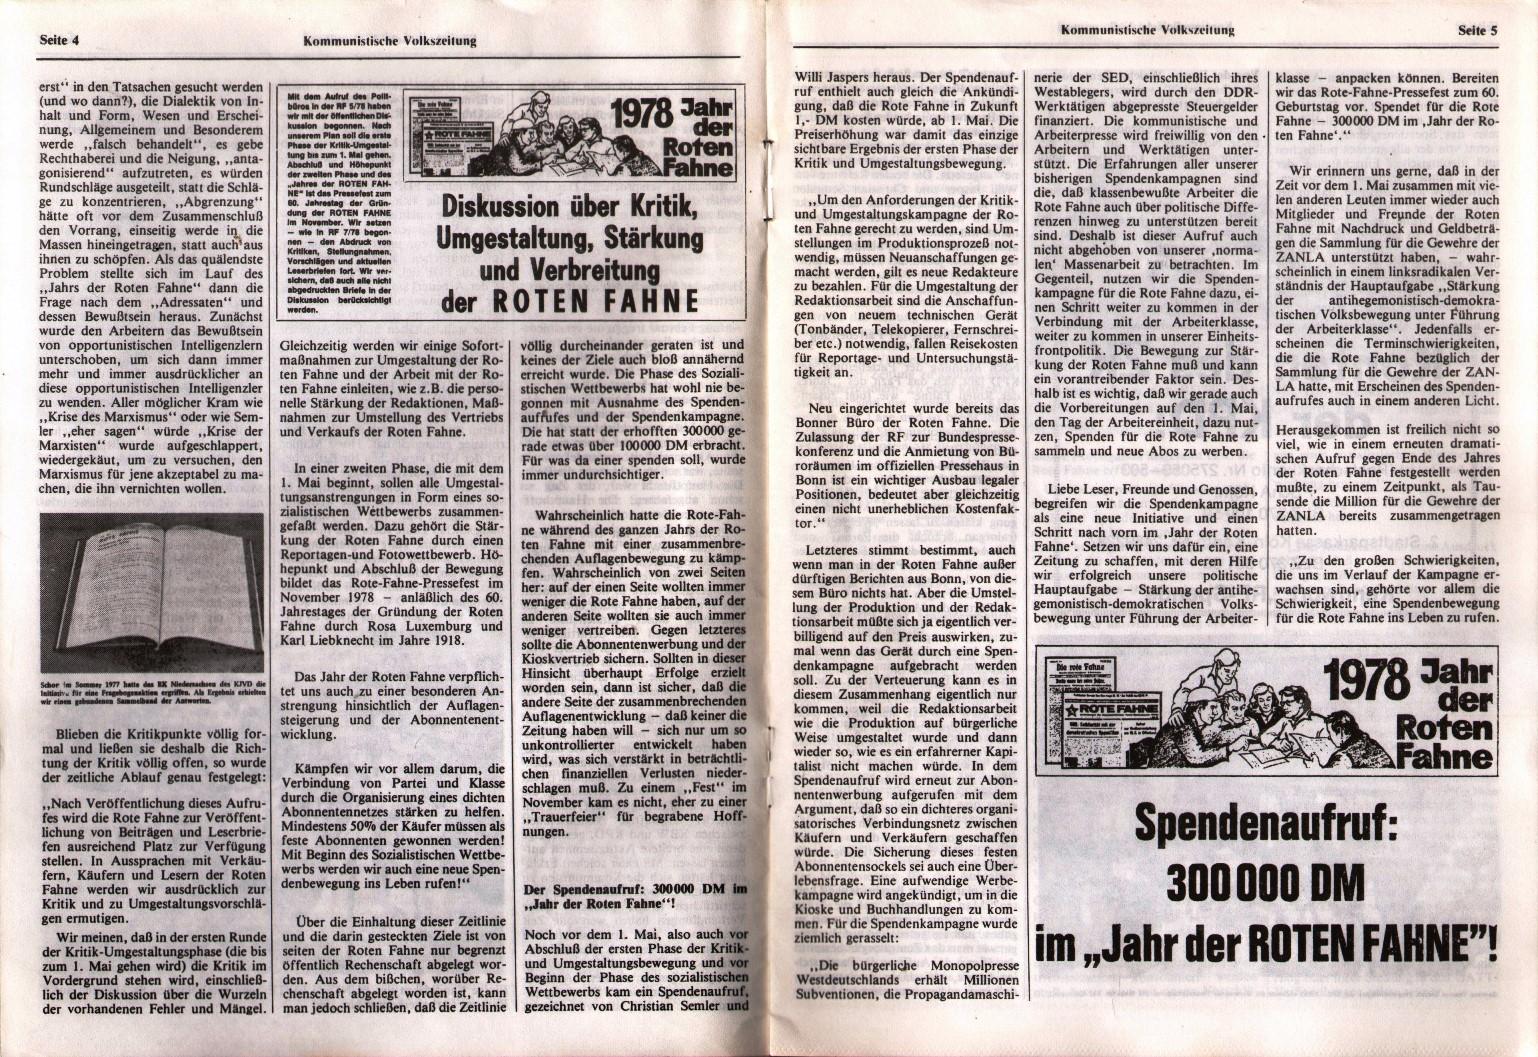 KBW_19790219_Rote_Fahne003